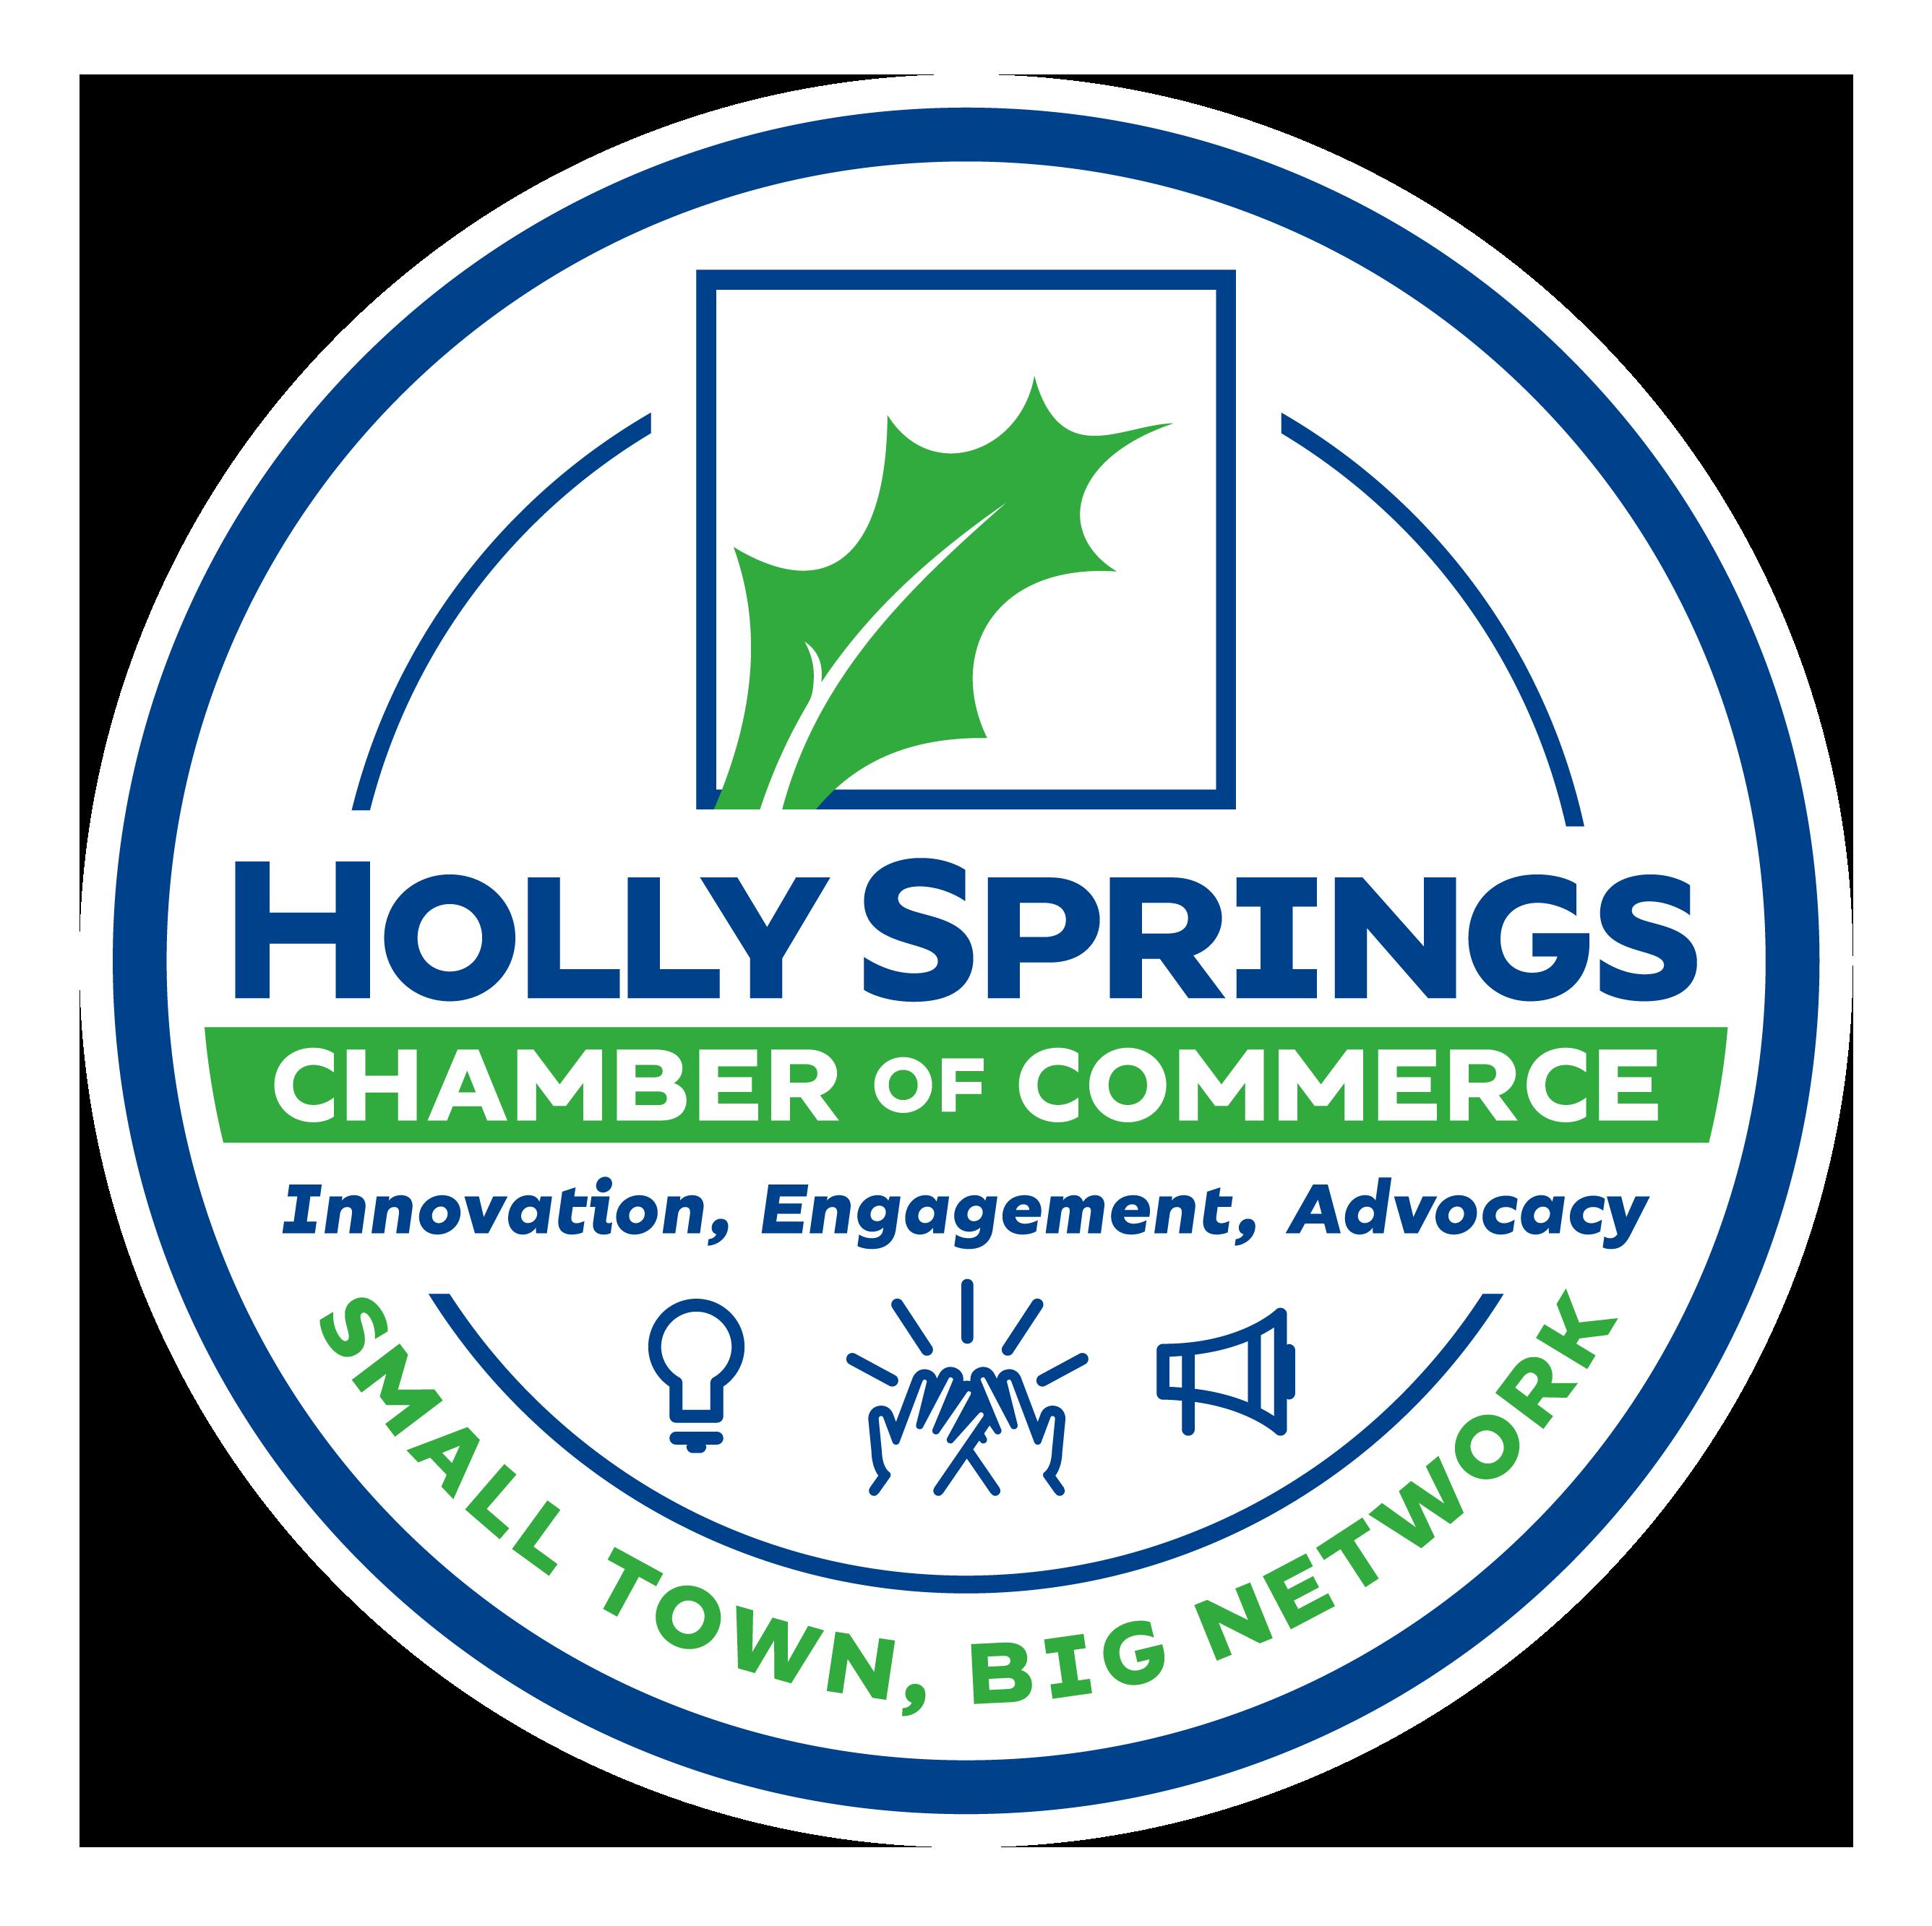 Sponsor Holly Springs Chamber of Commerce